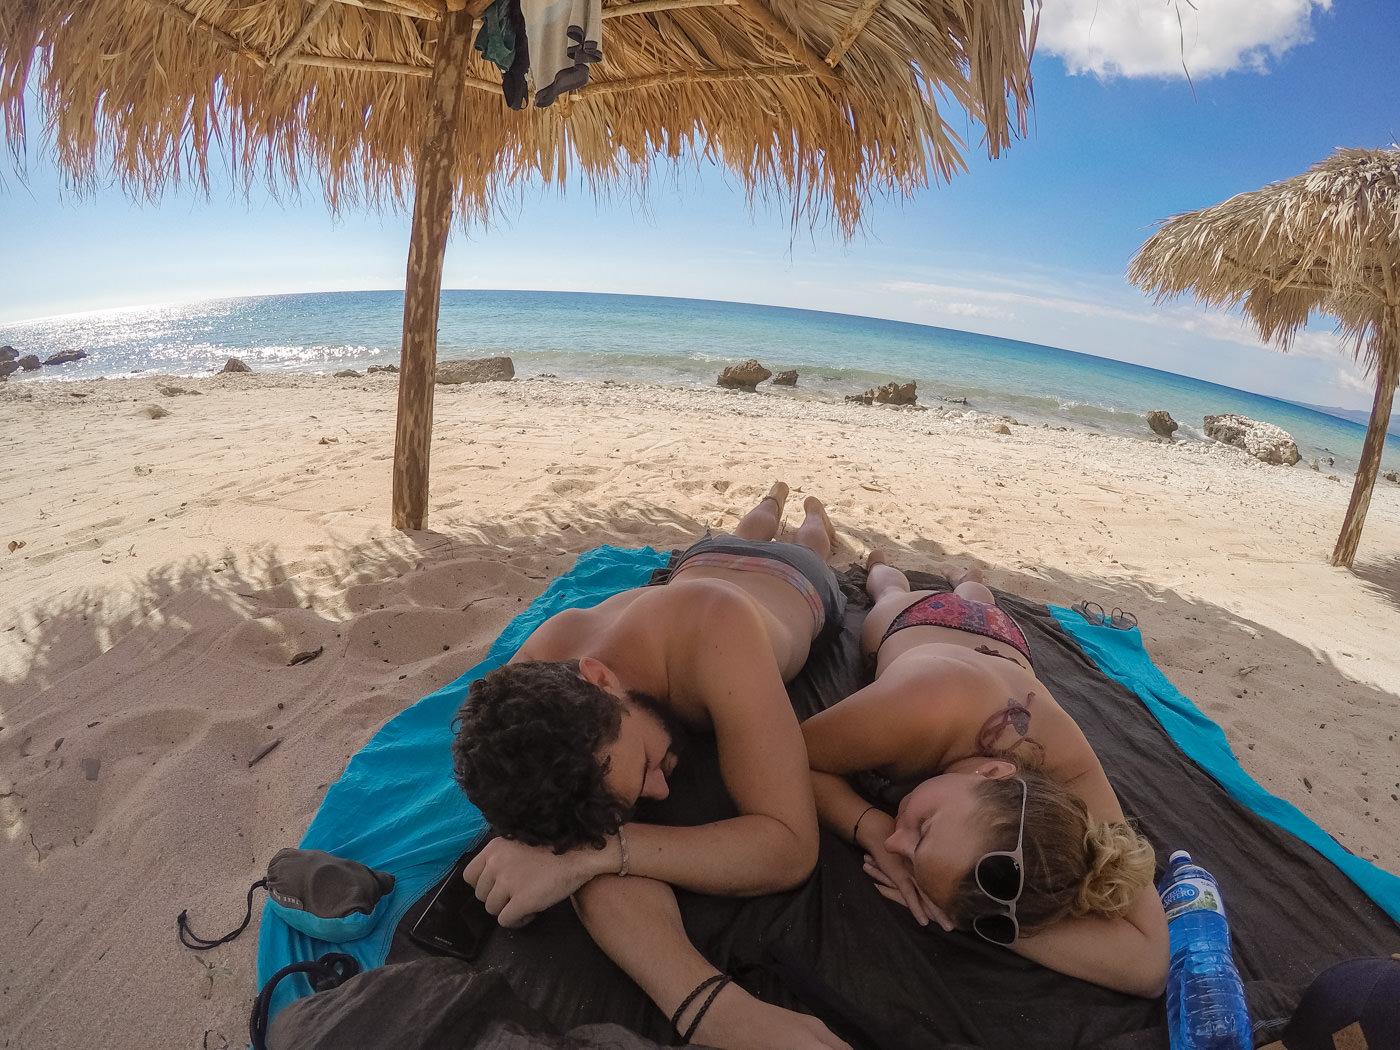 Wir an einem einsamen Strand unweit von La Boca entfernt